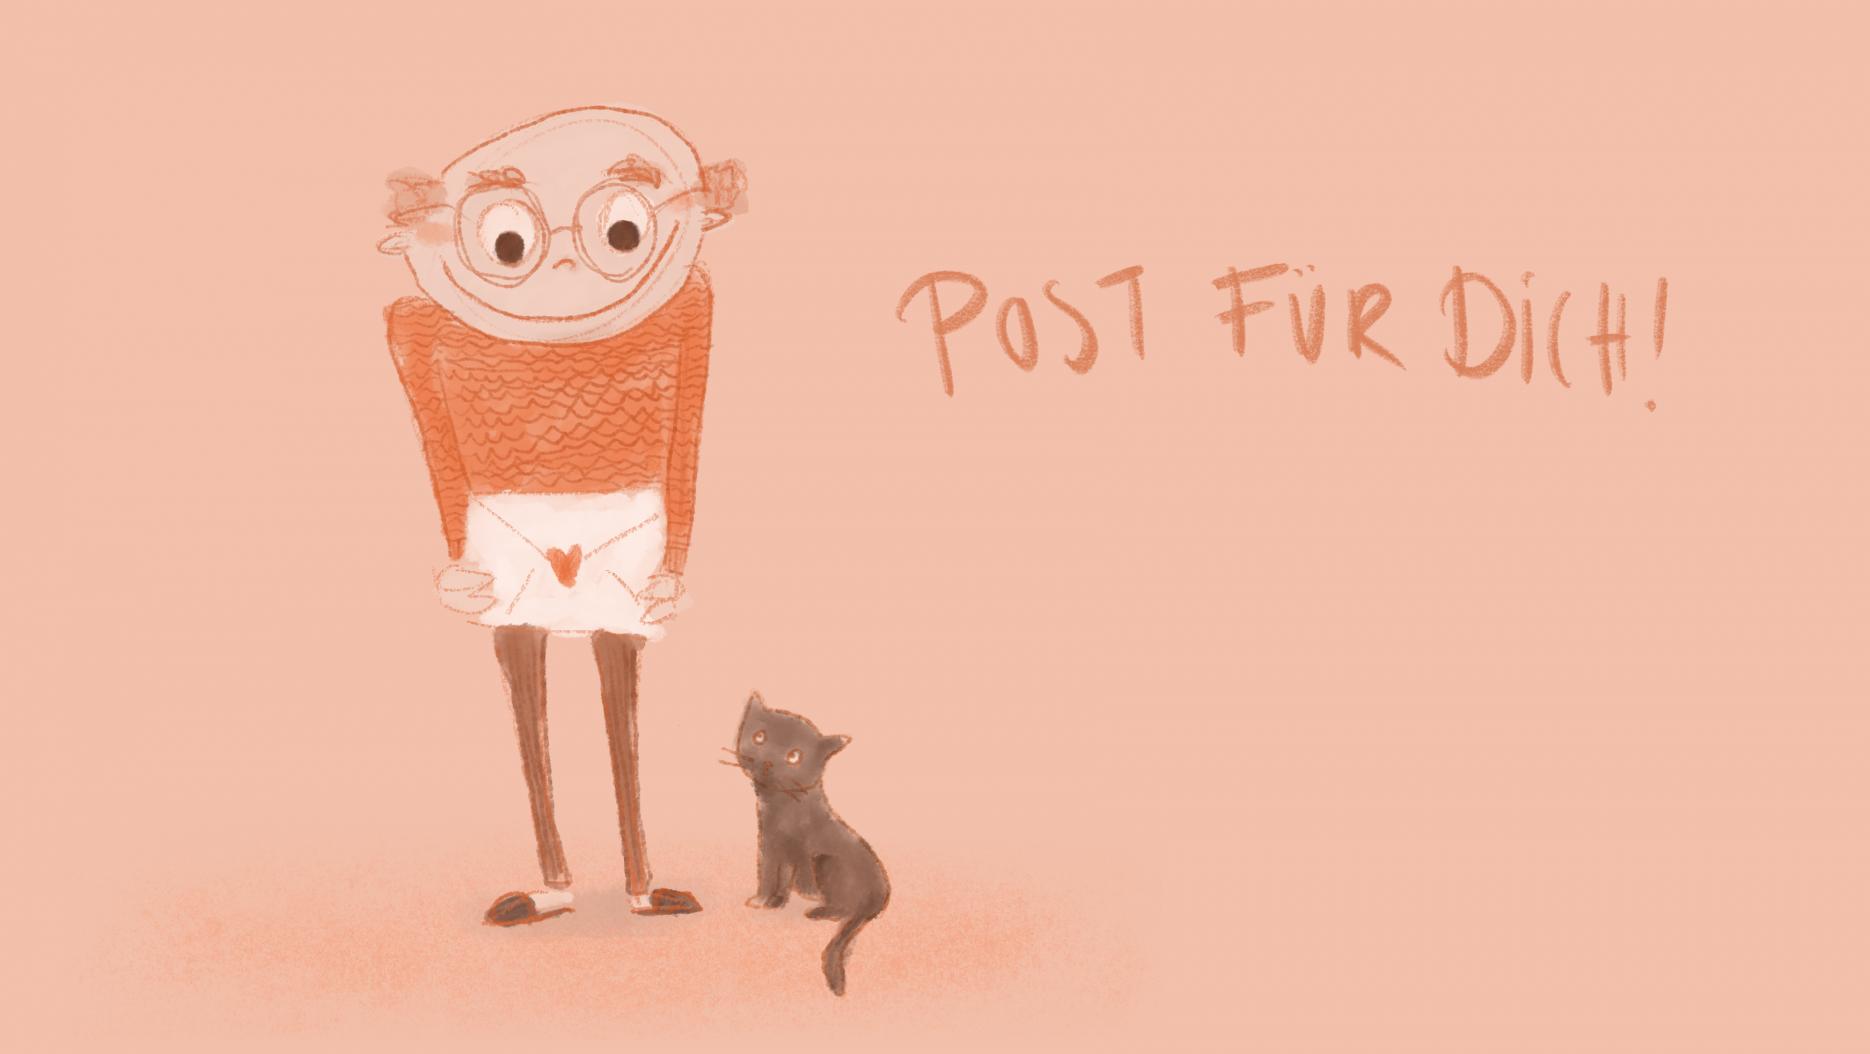 Auch Opa und die Katze freuen sich über Post